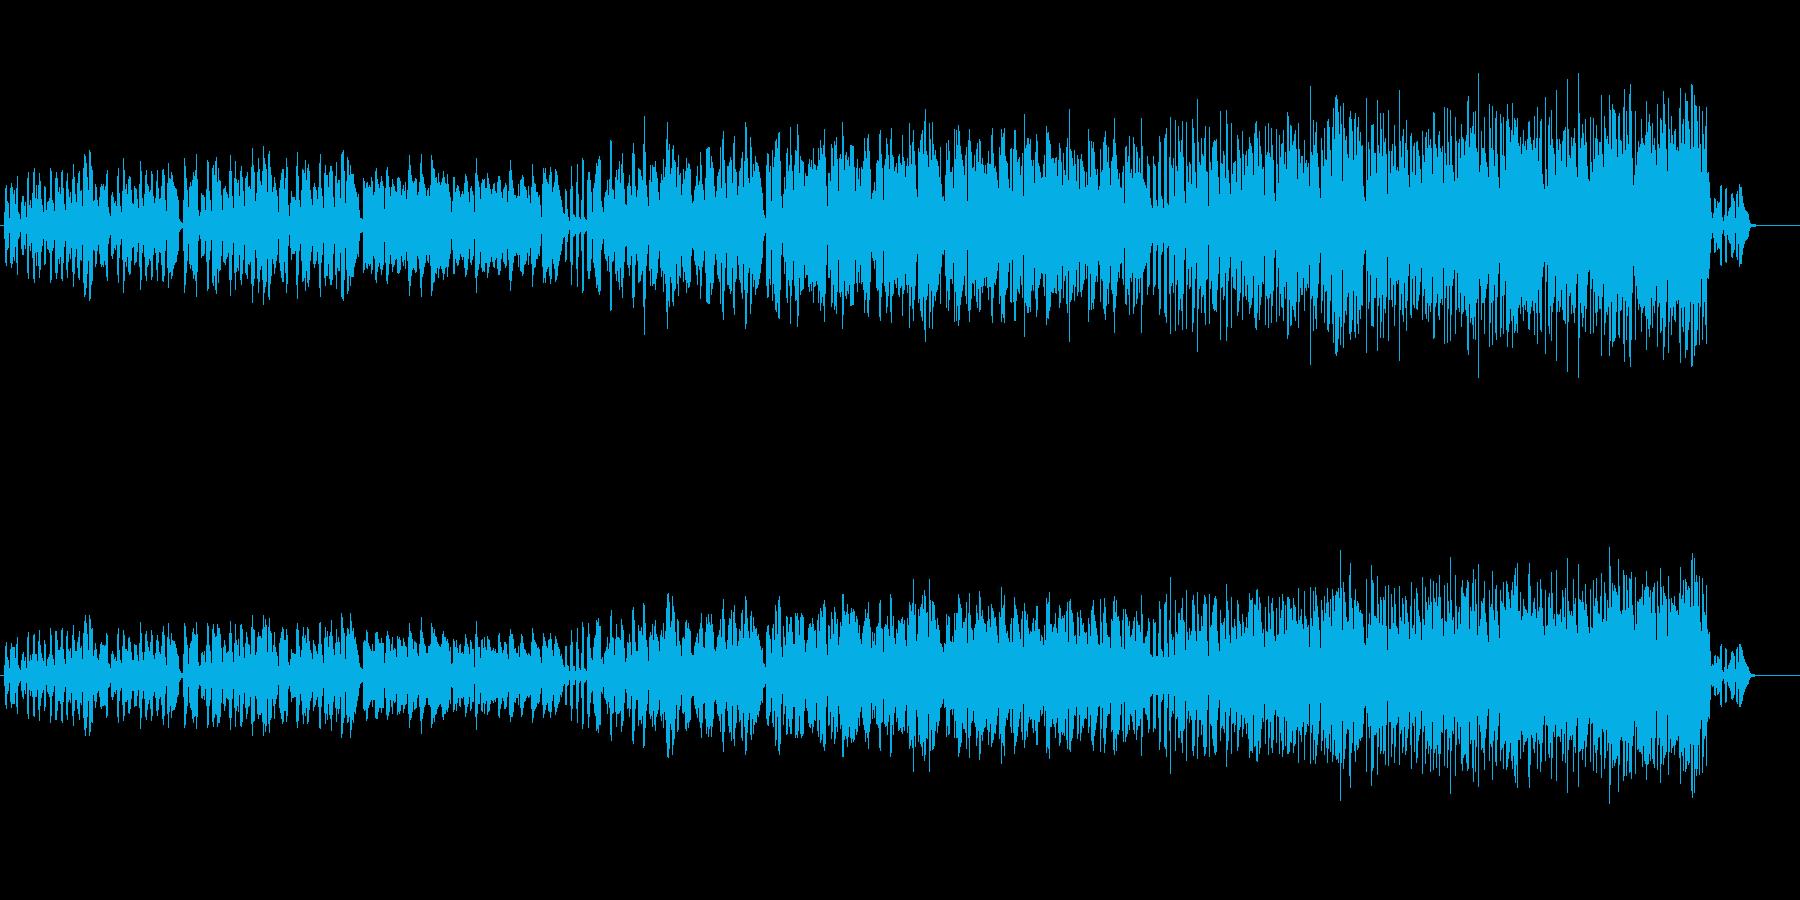 ユニークでコミカルなメロディーの再生済みの波形